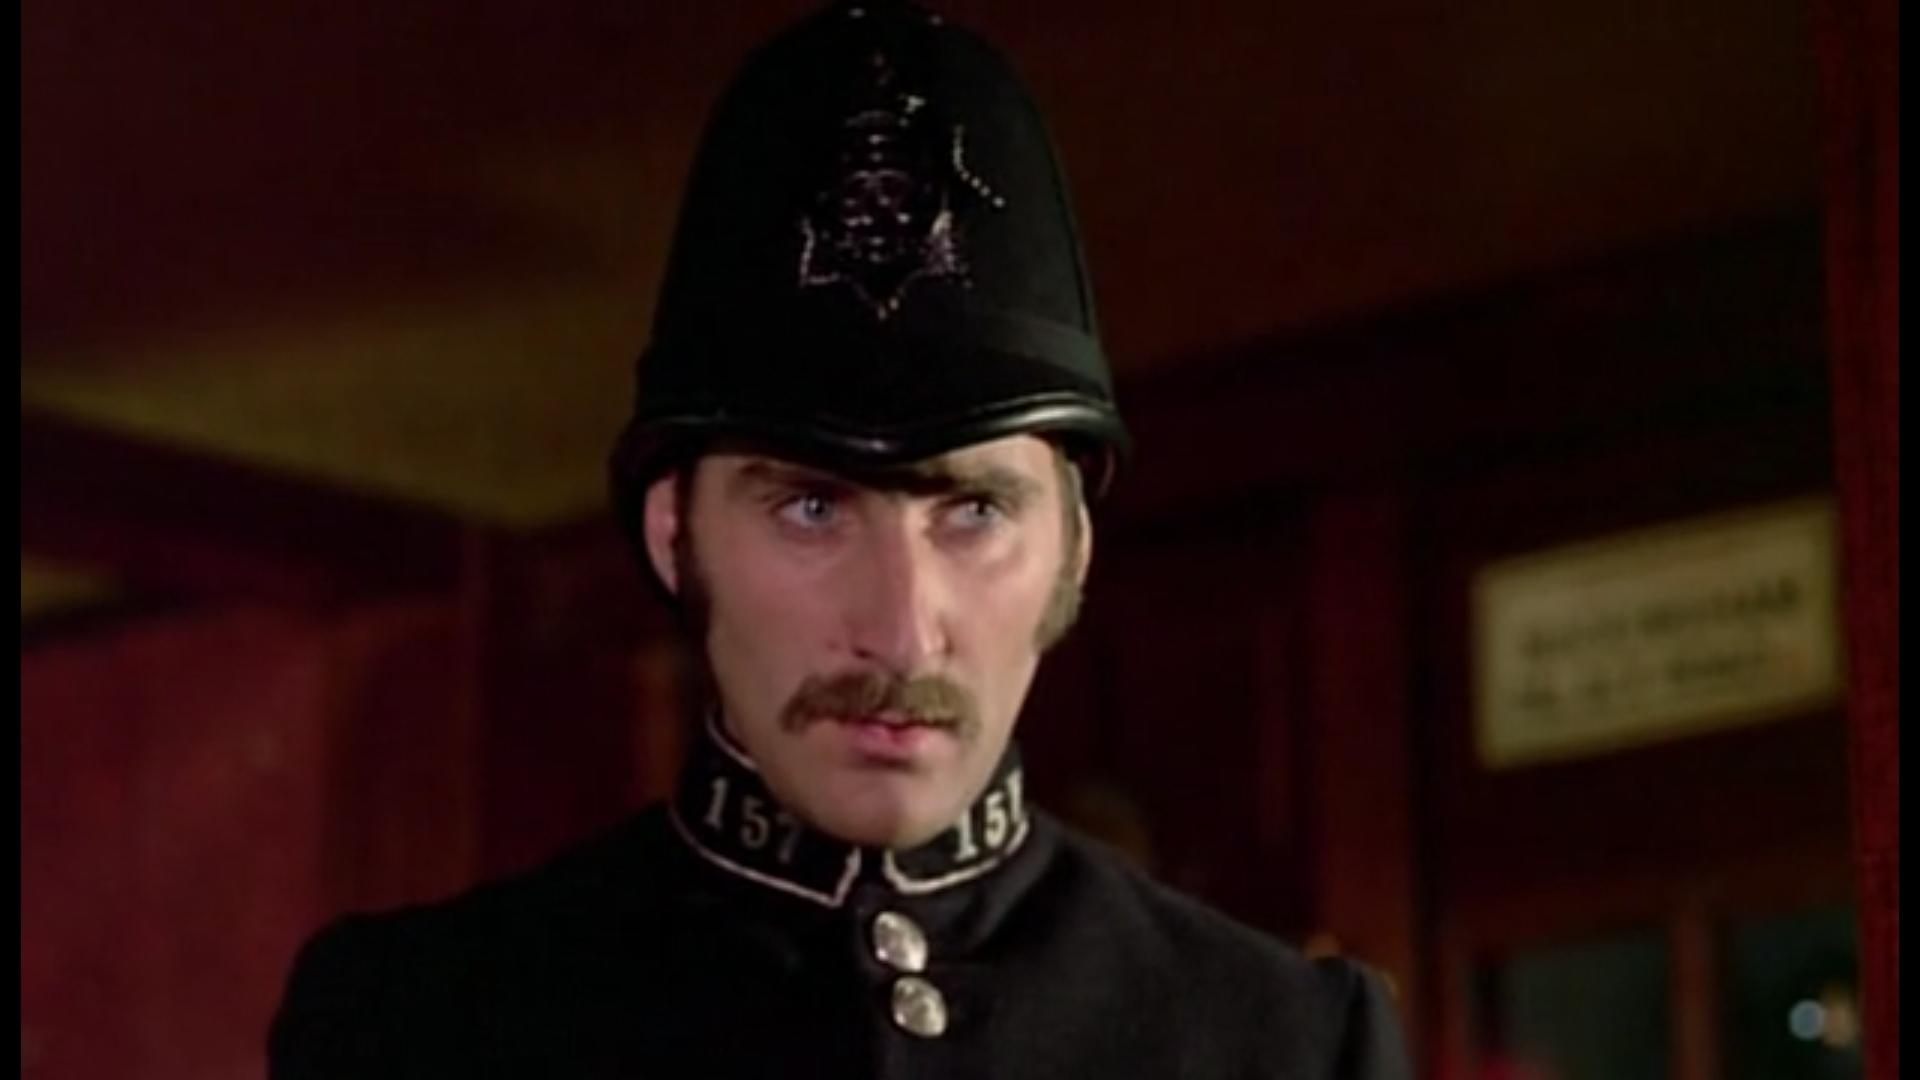 Peter Nüsch in Jack the Ripper (1976)